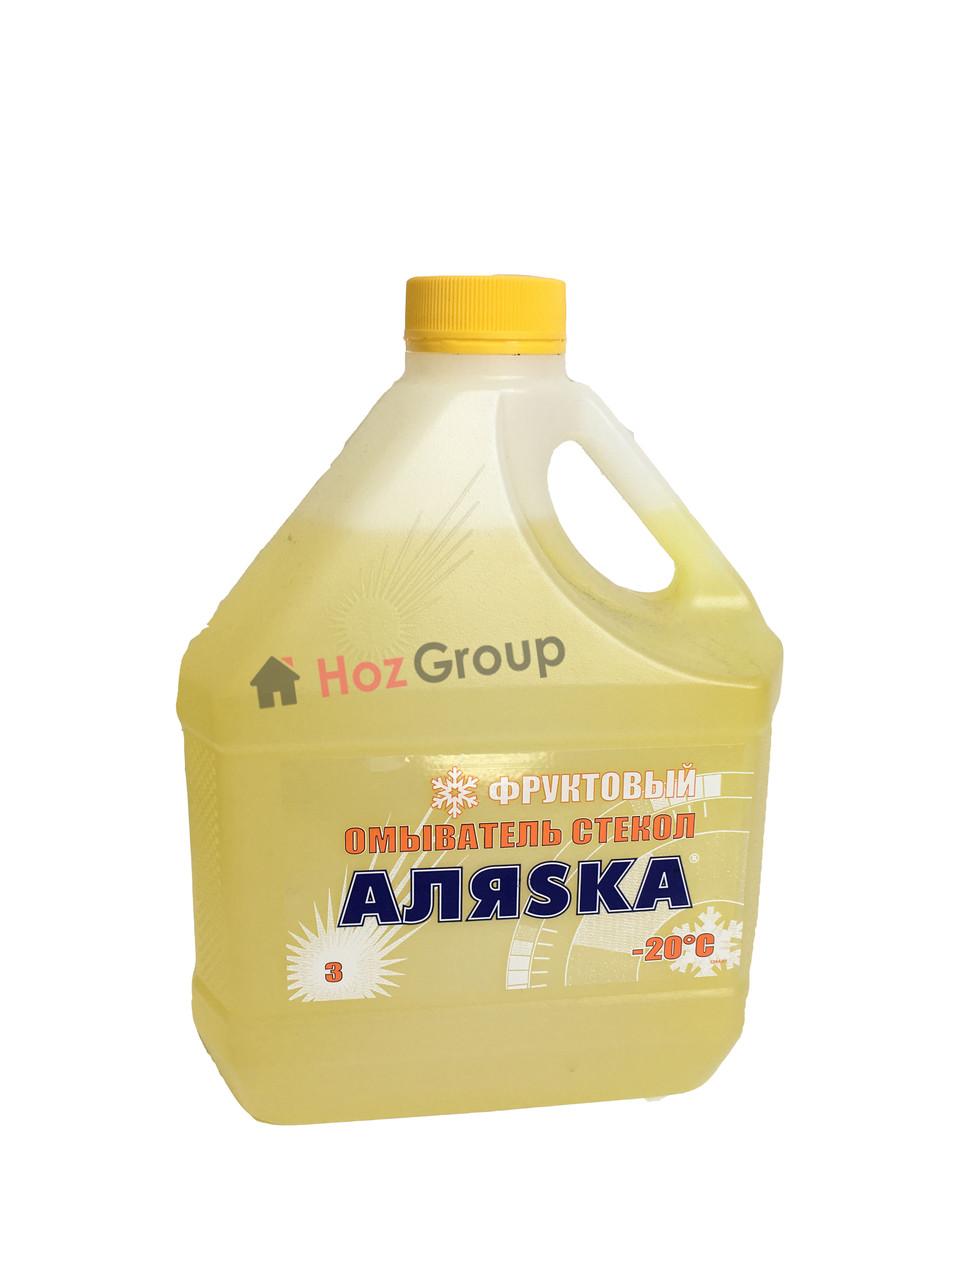 Омыватель стекла Аляска фруктовый -20С 2,5кг